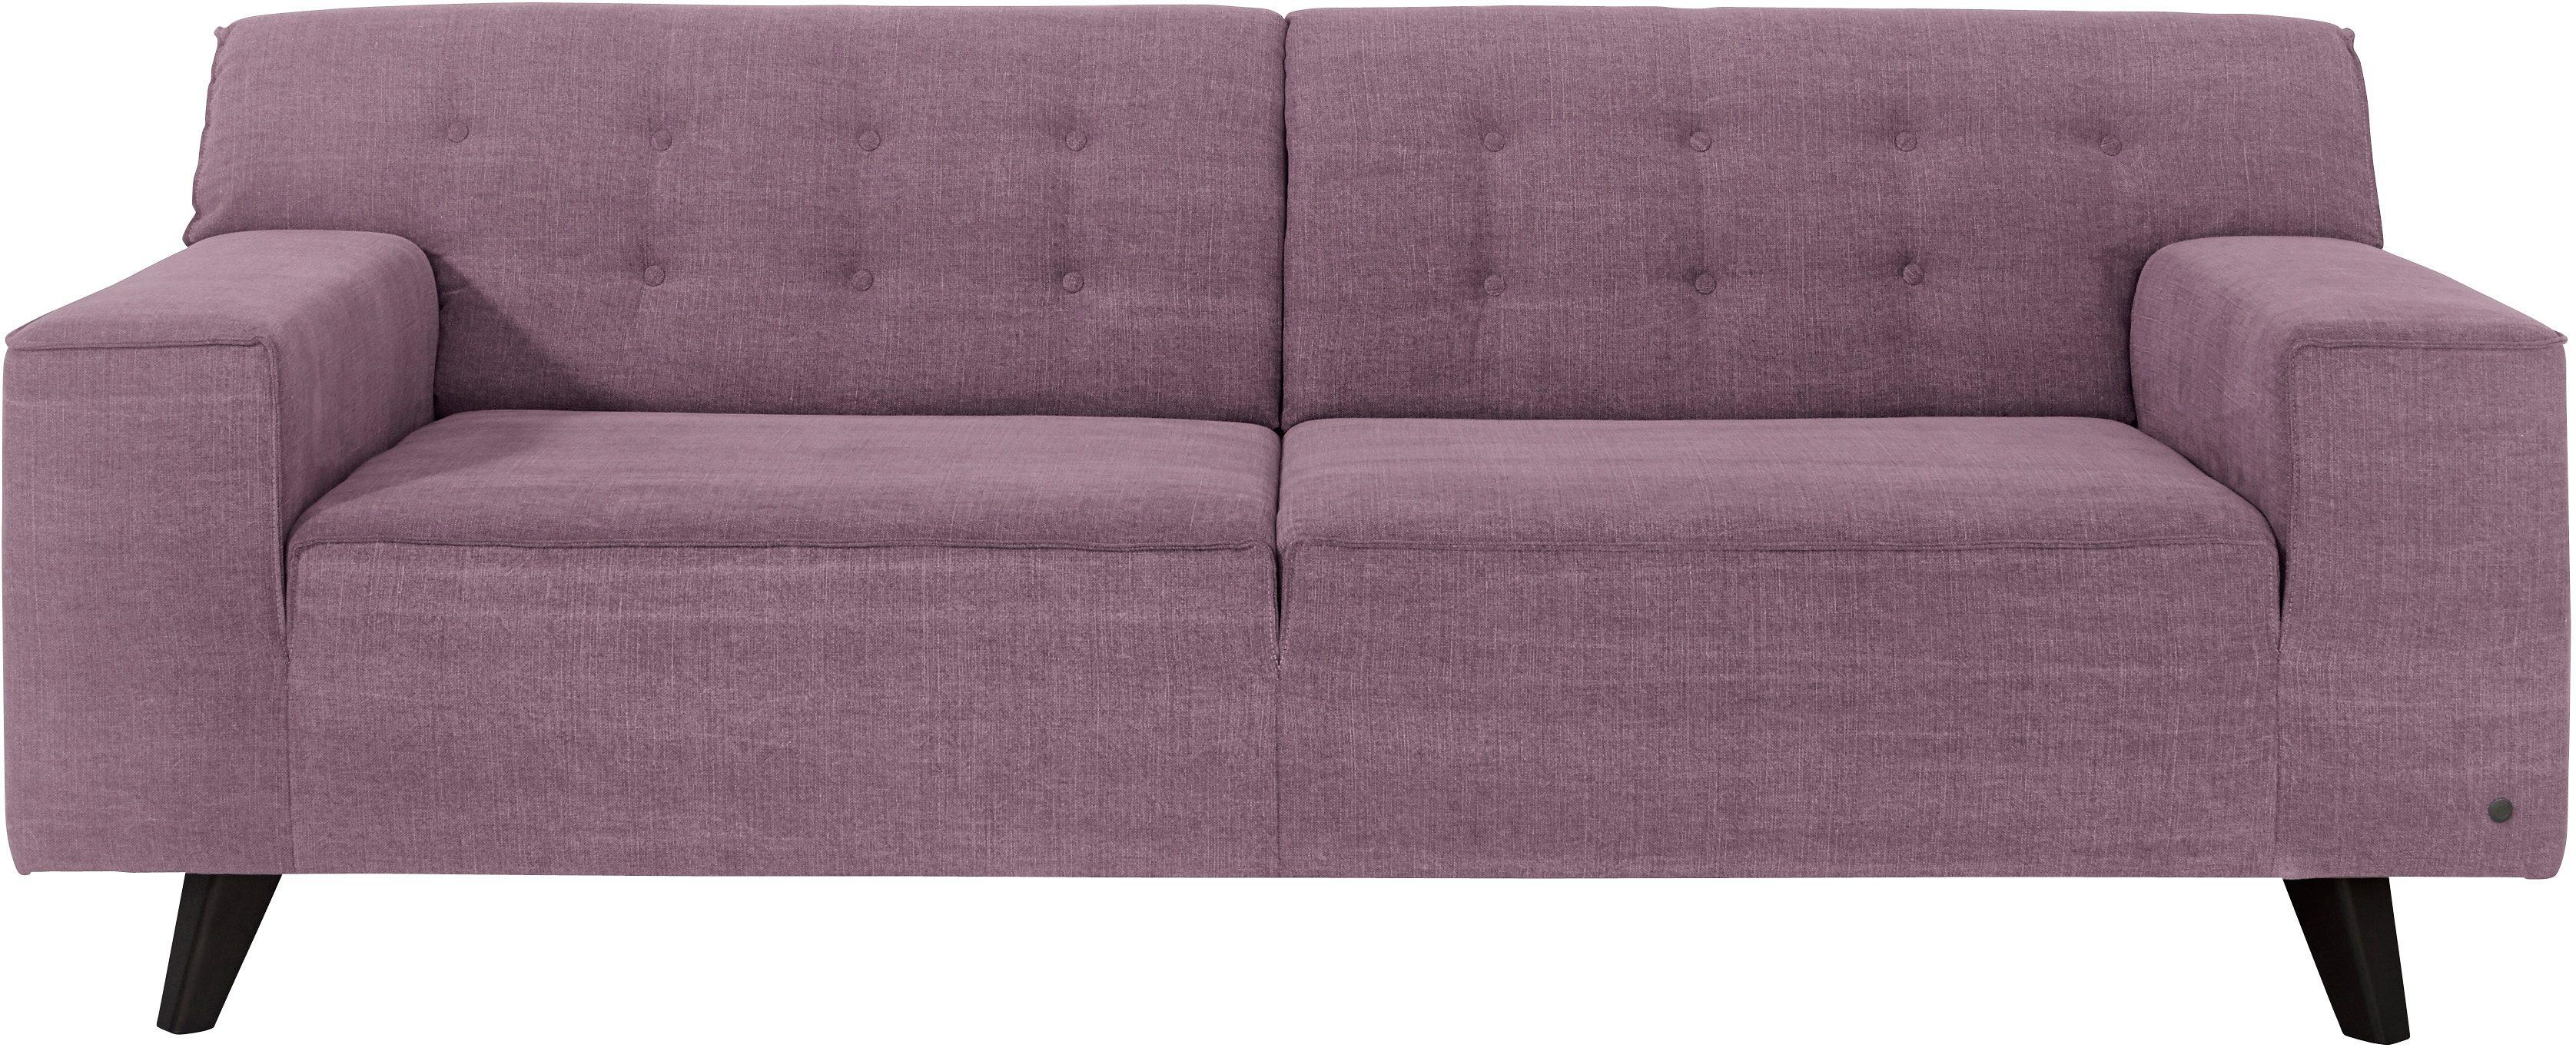 Retro Sofa in rosa/lila mit auffälligen Holzfüßen